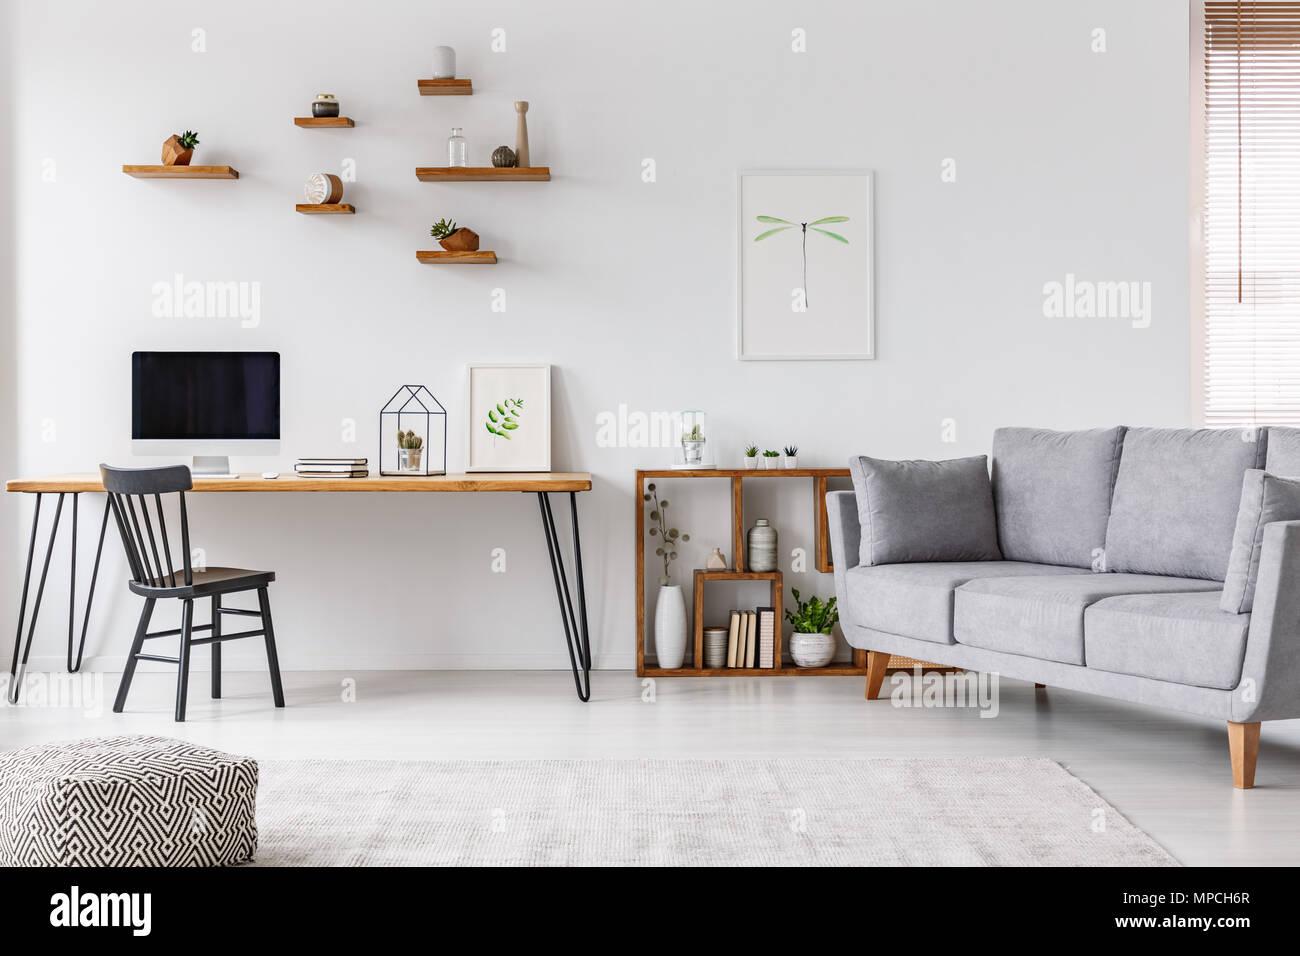 Gris negro sofá cerca de silla y escritorio con monitor de computadora en el espacio abierto interior con un cartel. Foto real Imagen De Stock